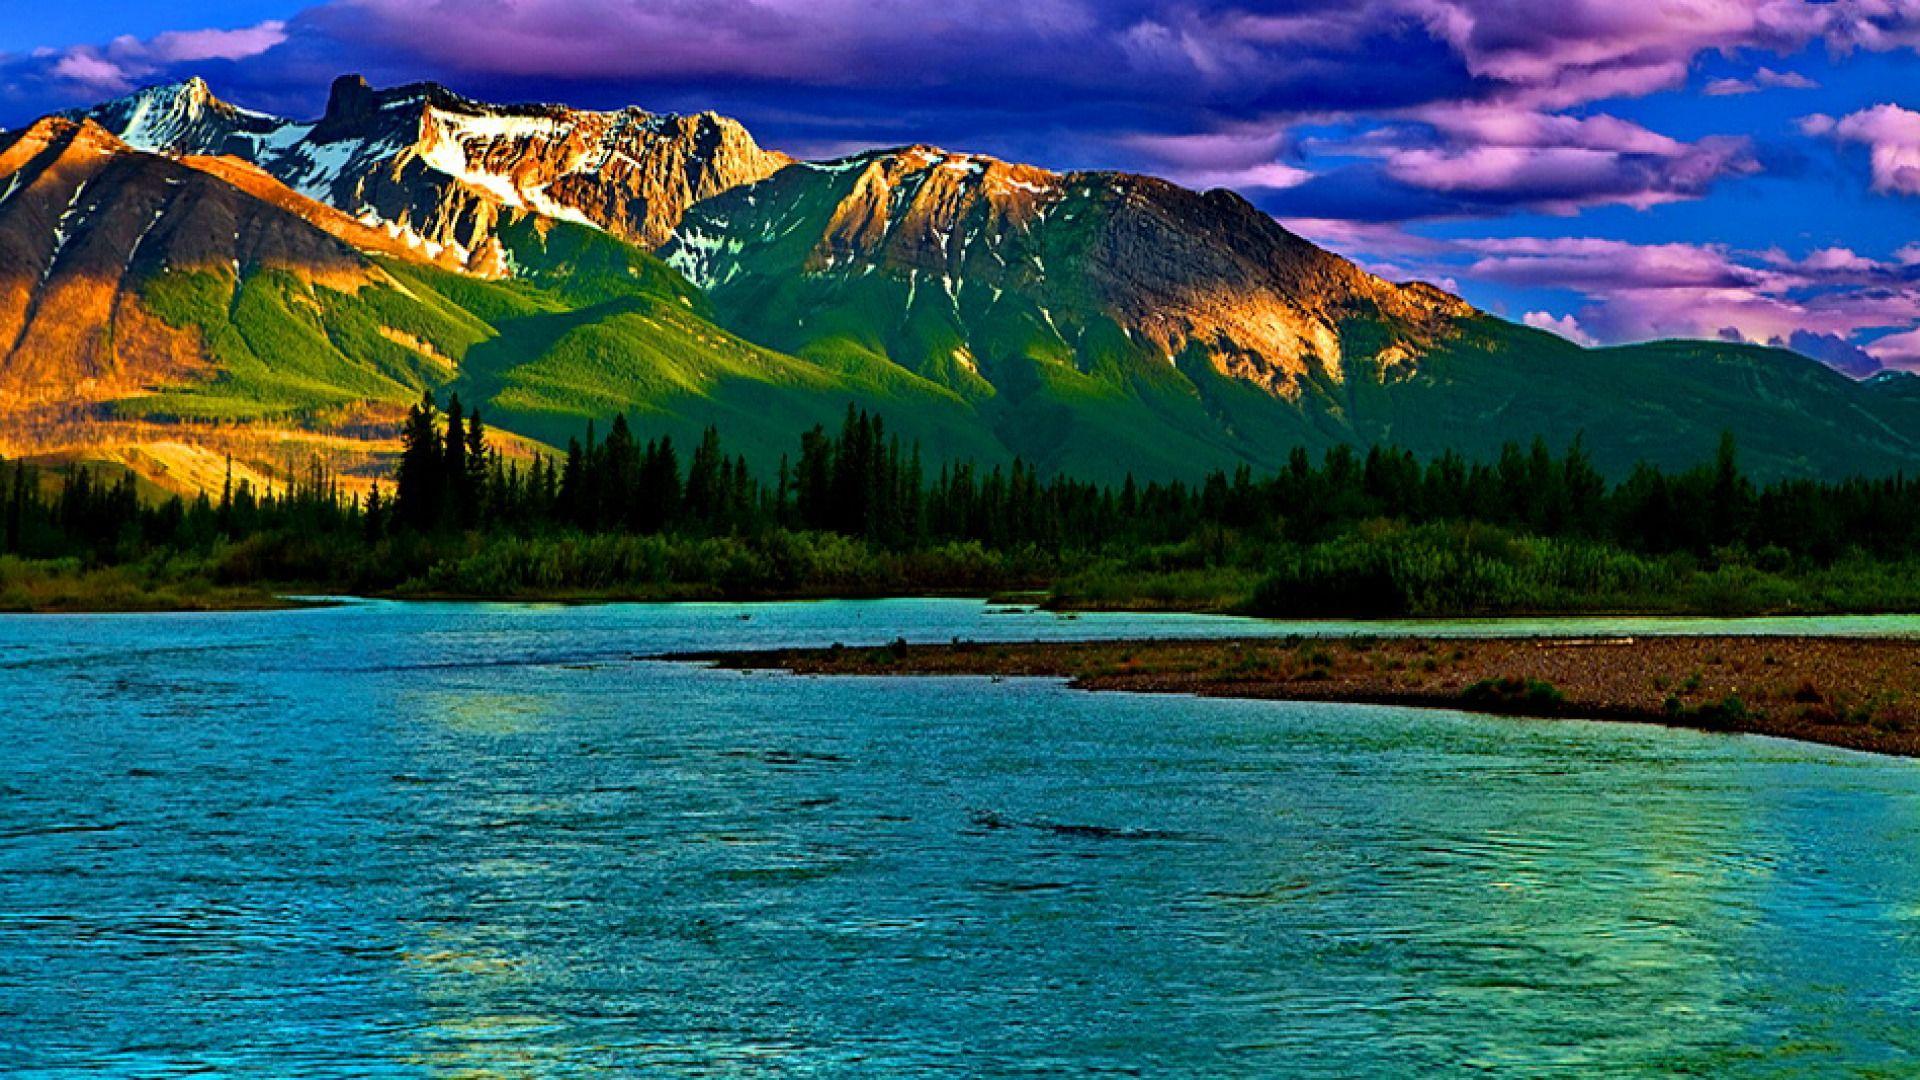 Fond Decran Paysage Montagne 2020 Cliquez Ici Collection D Images Fonds D Ecran Et Photos With Images Lake Landscape Mountain Landscape Landscape Wallpaper